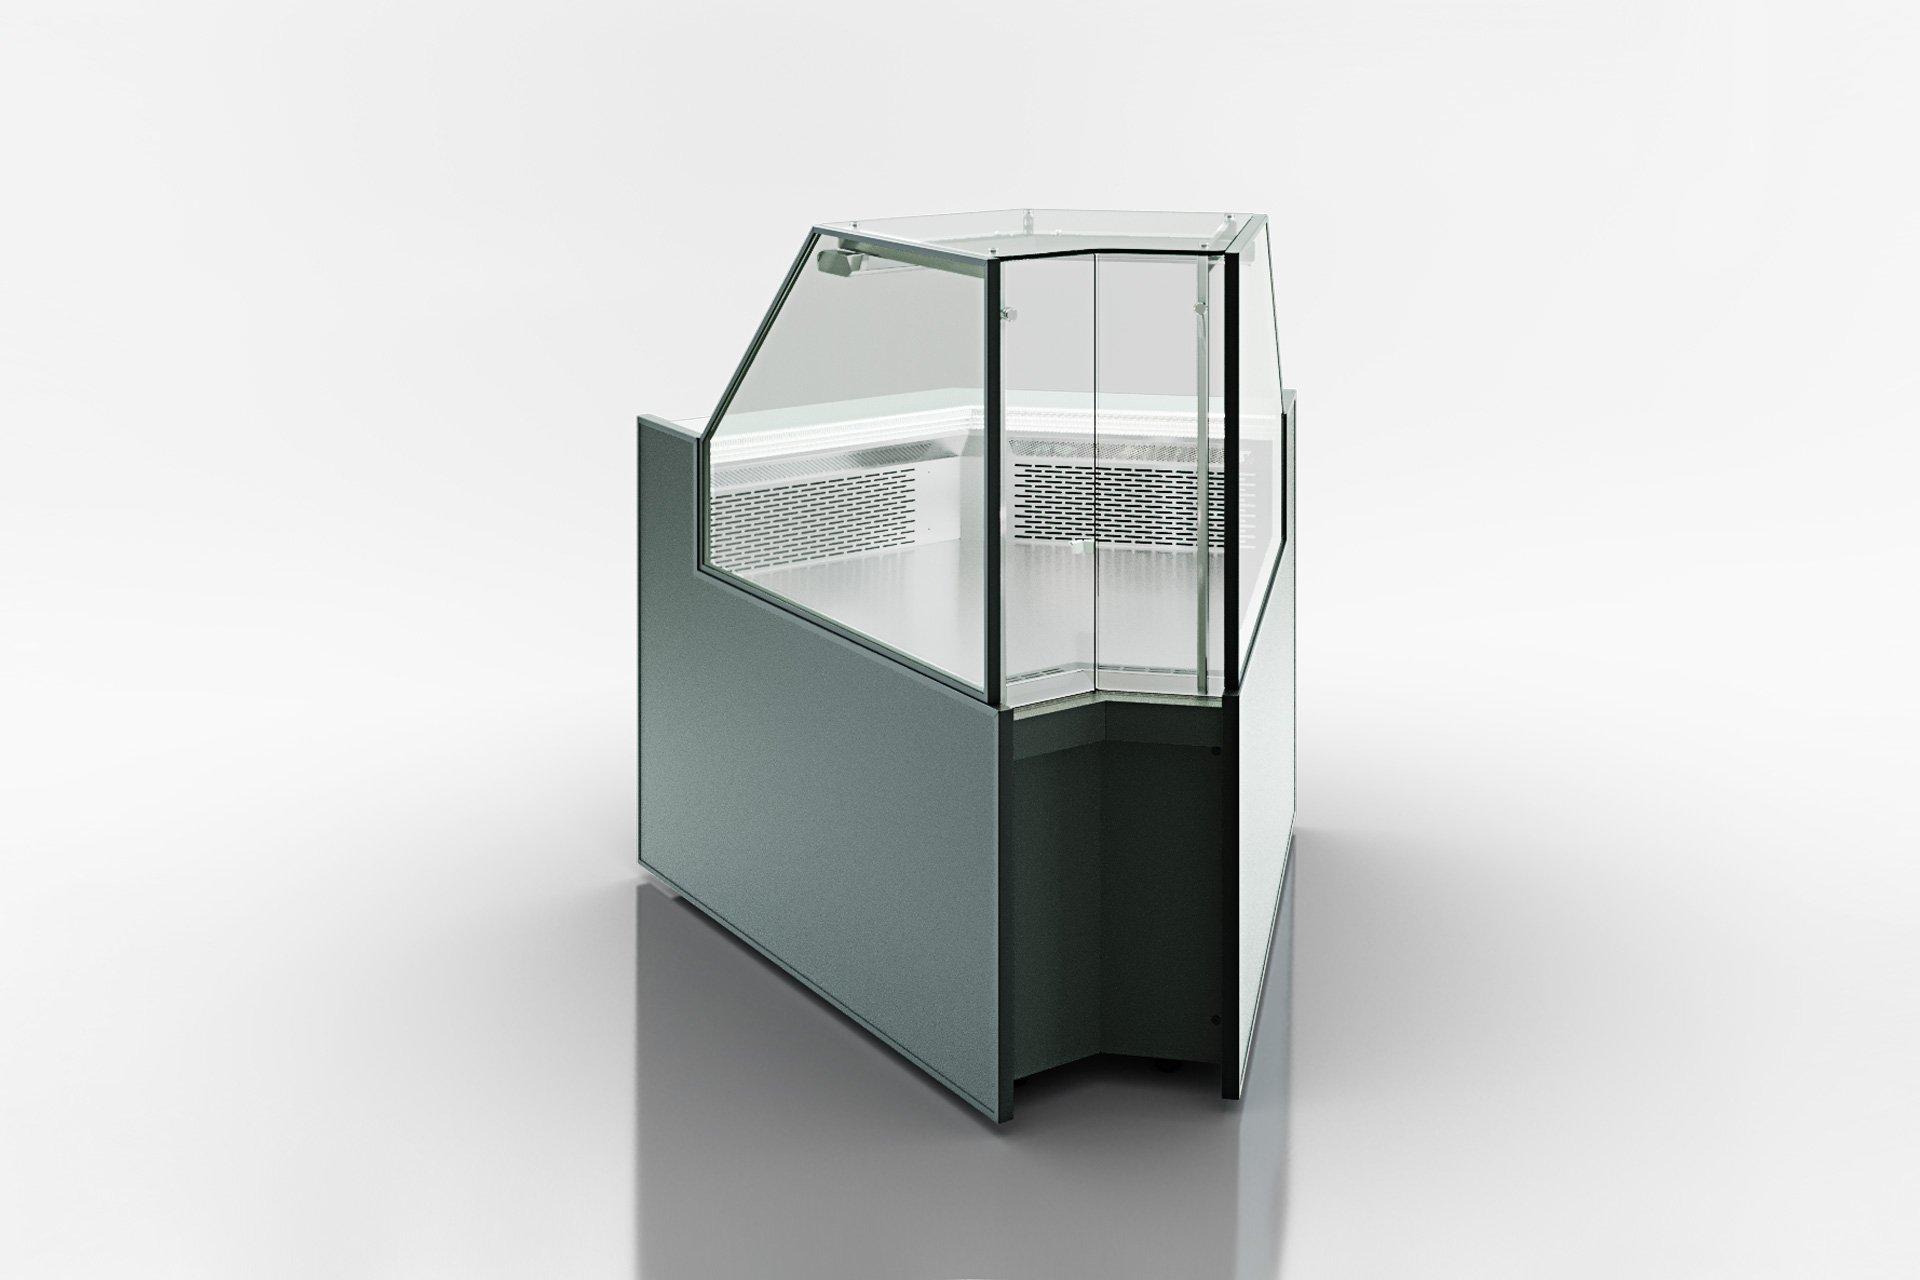 Угловые эленты холодильных витрин Missouri MC 120 deli PP 130-DLM-IS45